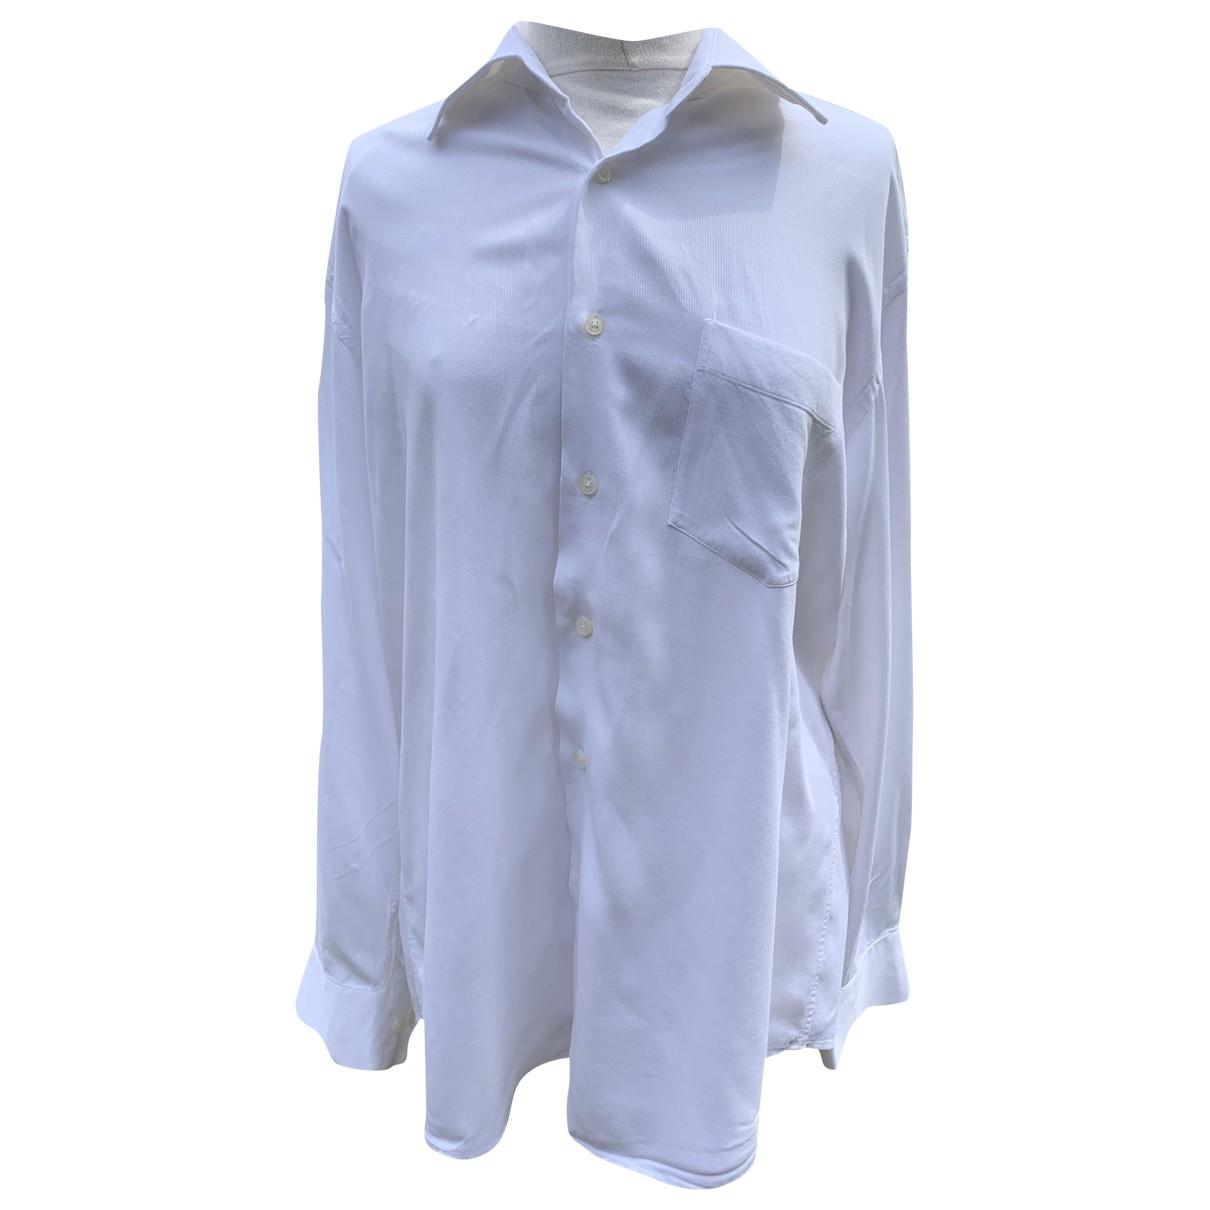 Guy Laroche \N Hemden in  Weiss Baumwolle